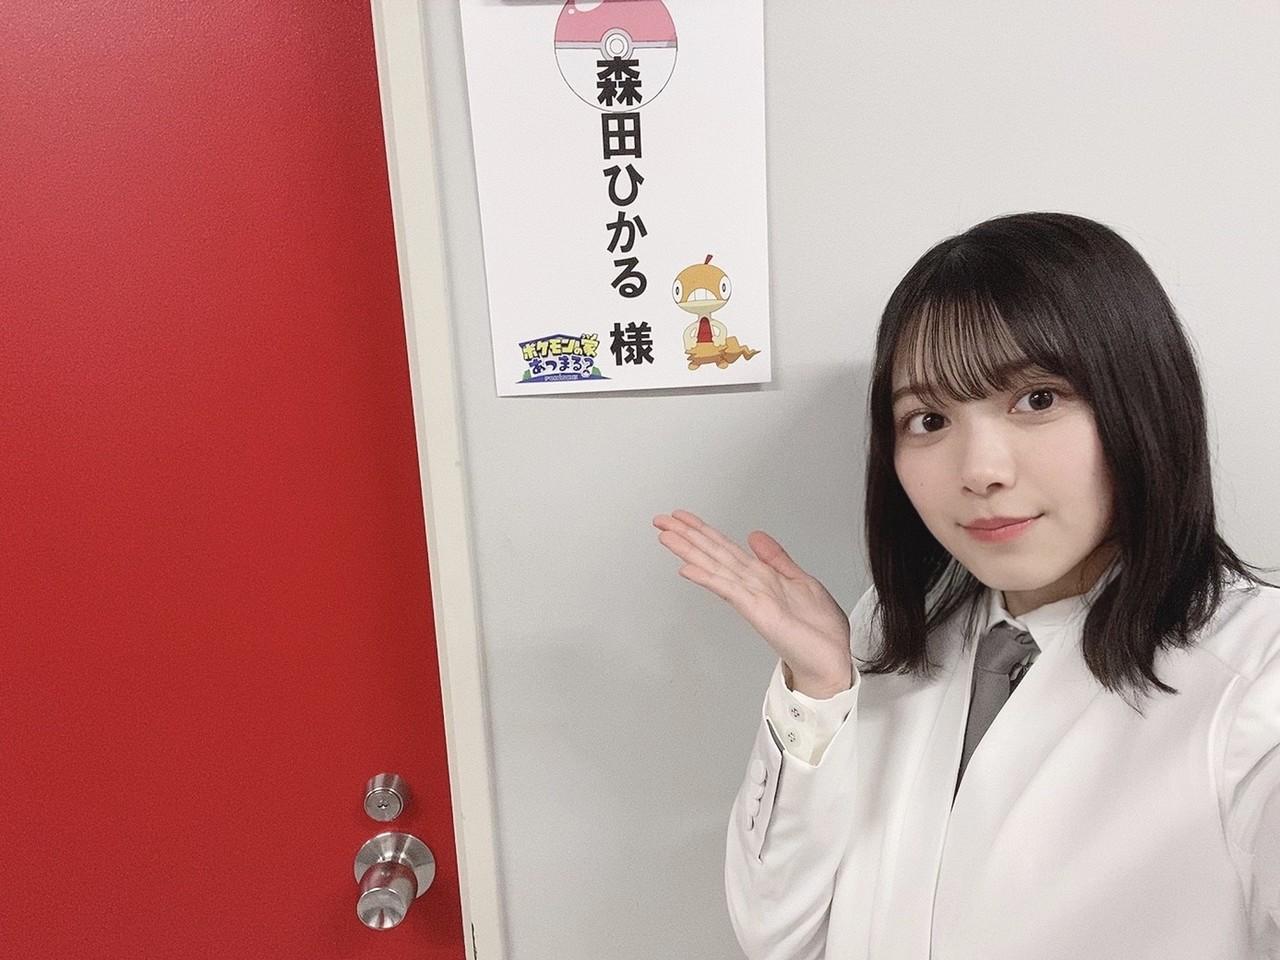 森田 ひかる公式ブログ | 櫻坂46公式サイト